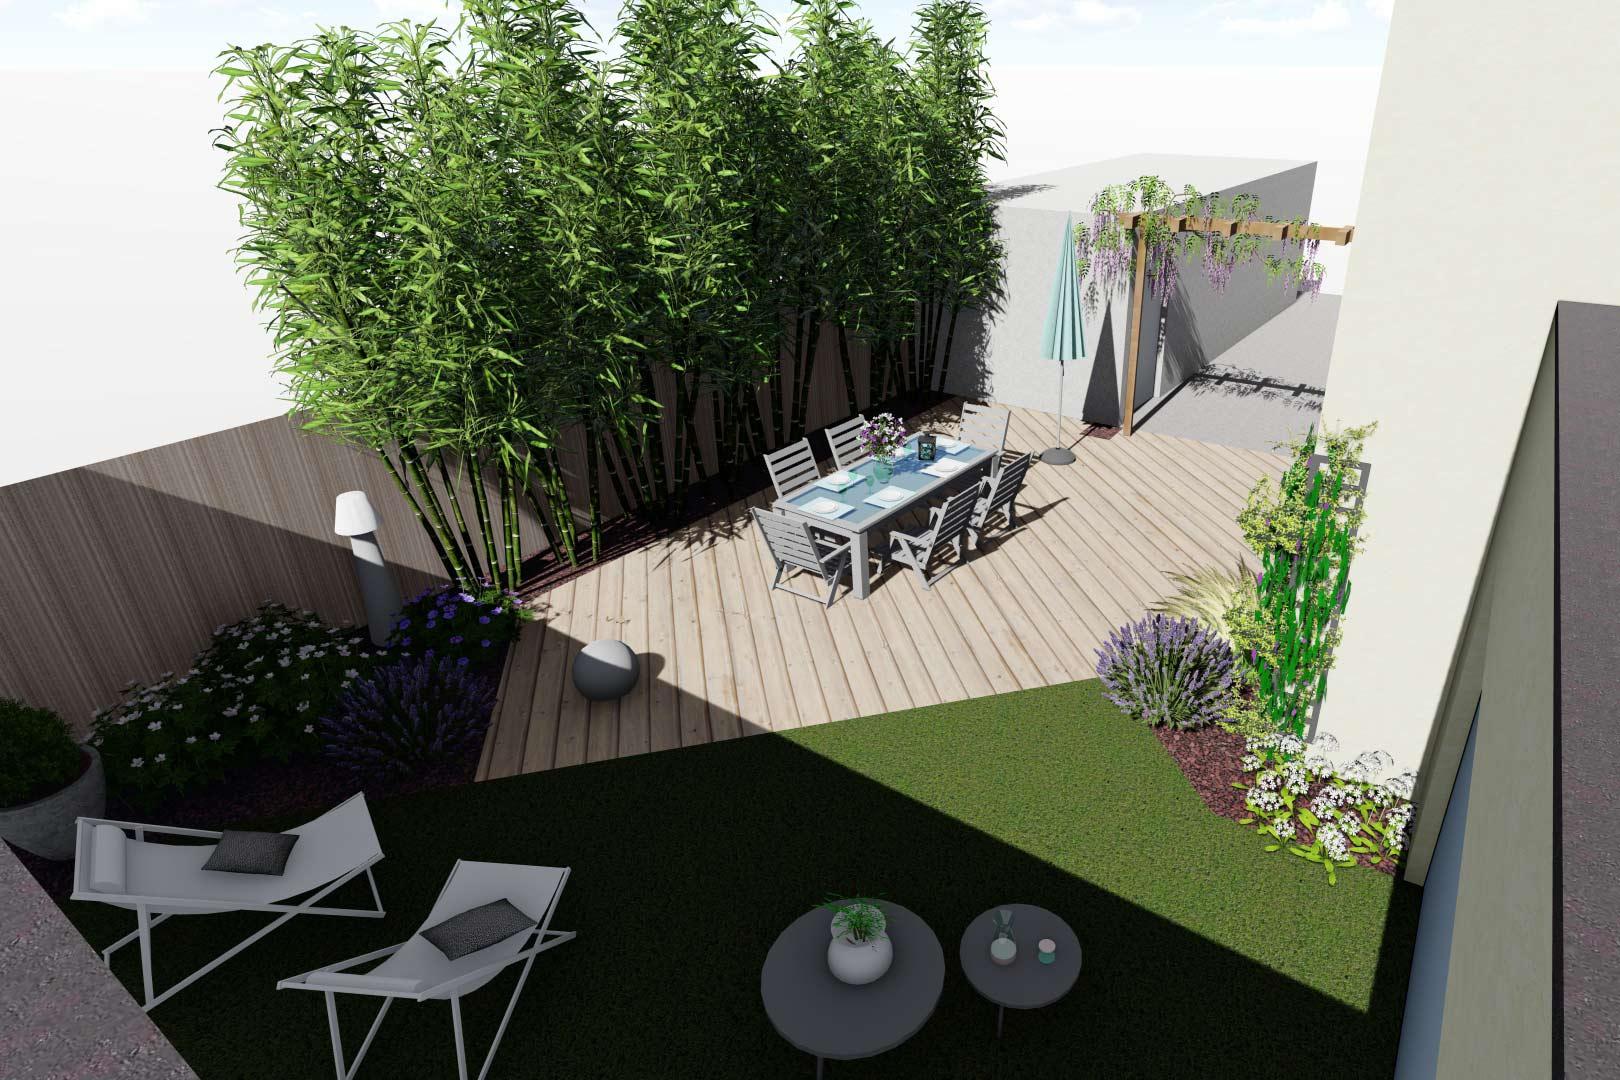 Entreprise du paysage, Serrault Jardins réalise des jardins sur-mesure dans diverses communes comme Artannes-sur-Indre.